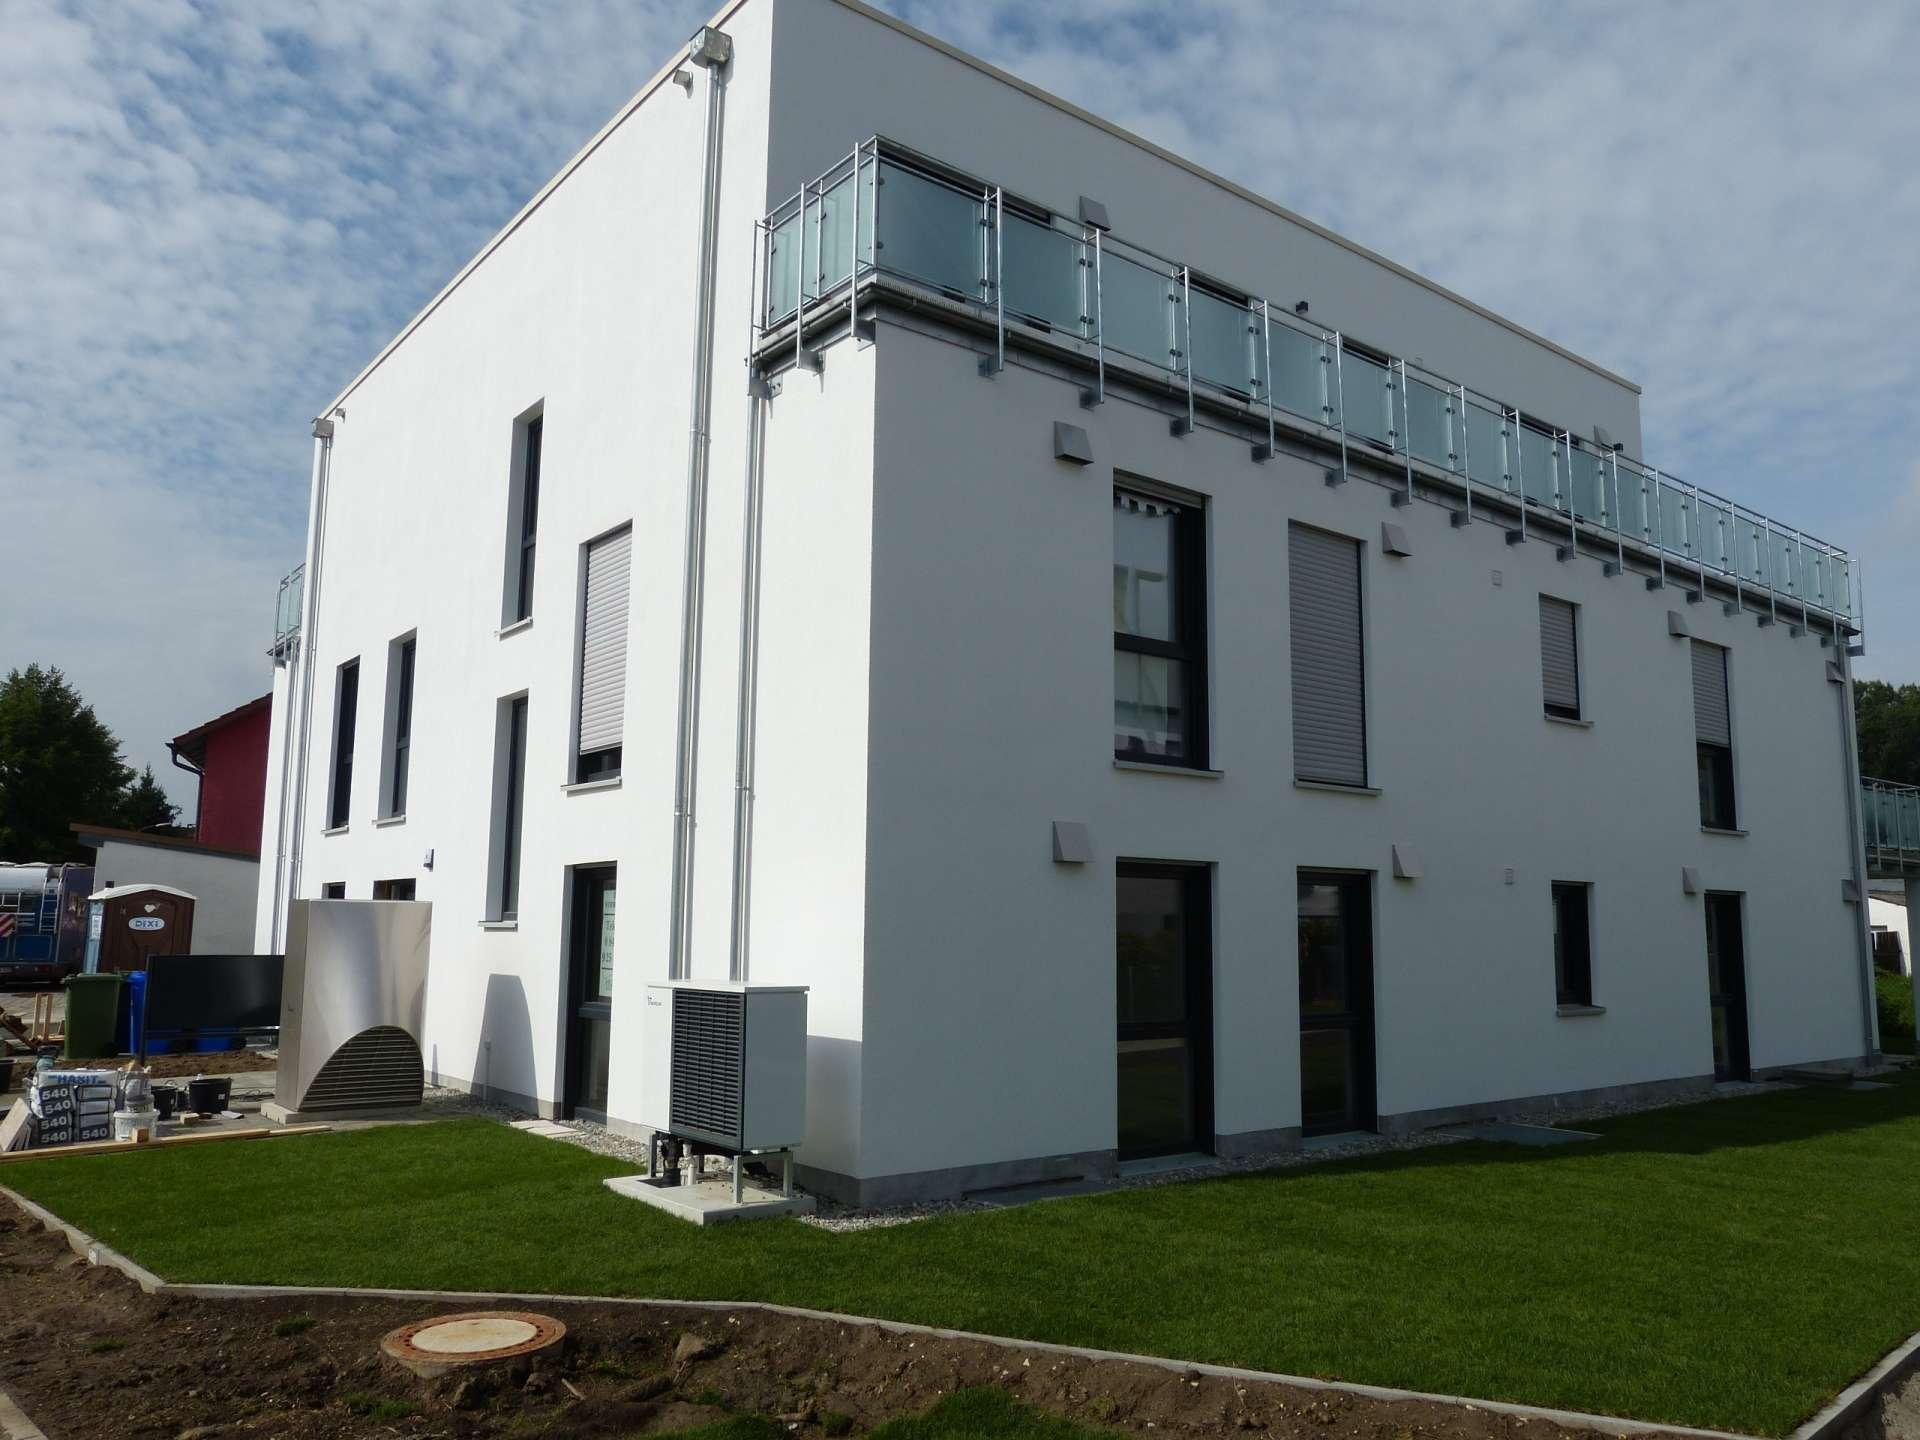 Neubau-Erdgeschosswohnung mit großer Terrasse in Ingolstadt-Haunwöhr in Südwest (Ingolstadt)